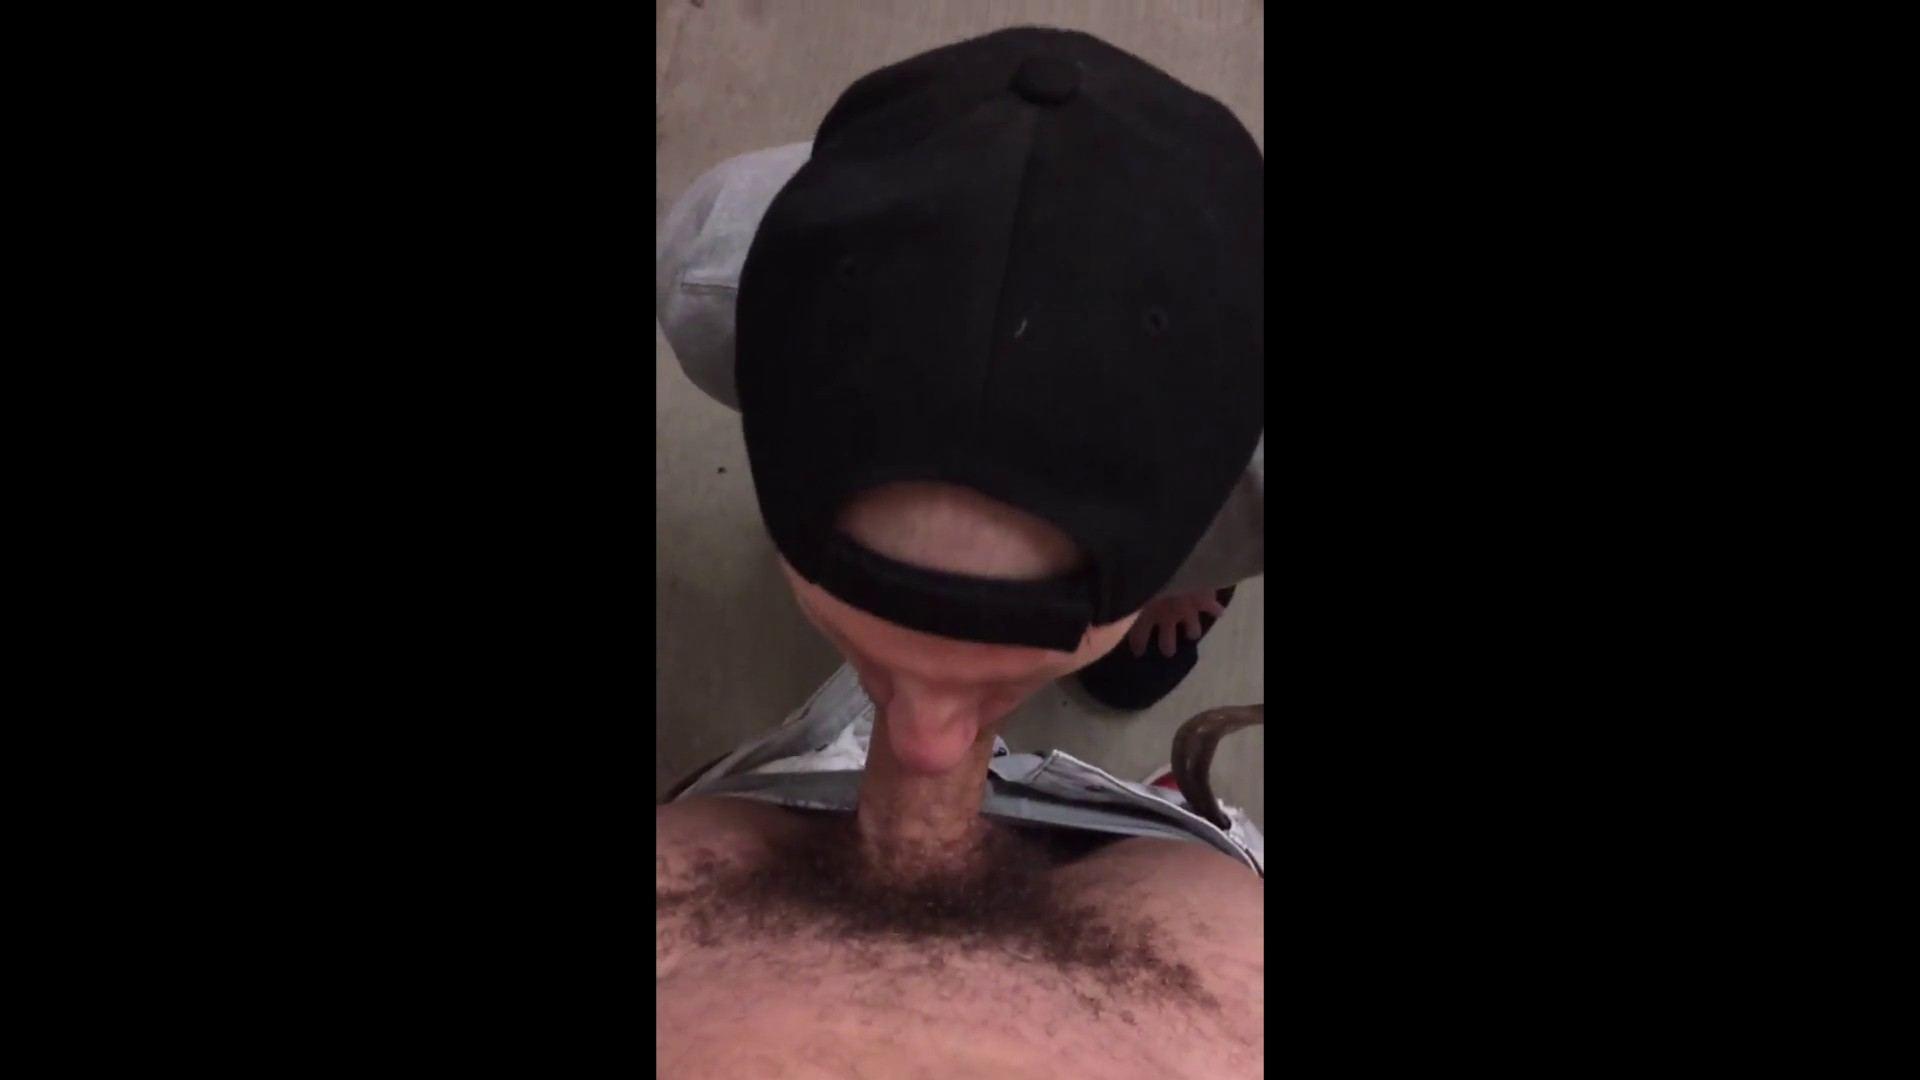 エロいフェラシーンをピックアップvol37 男の世界  58画像 3